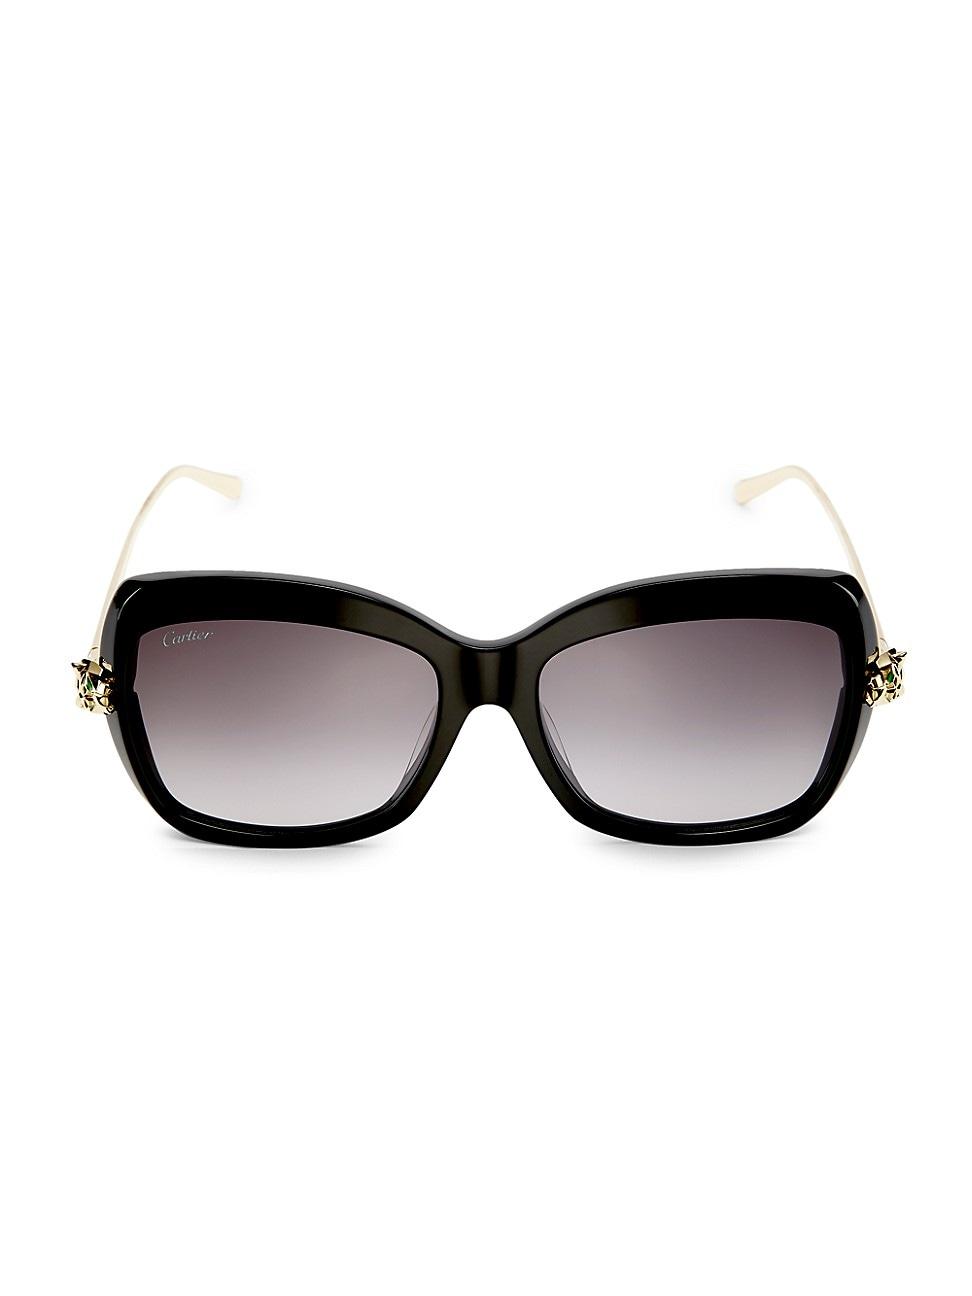 Cartier Women's 55mm Cat Eye Sunglasses In Black